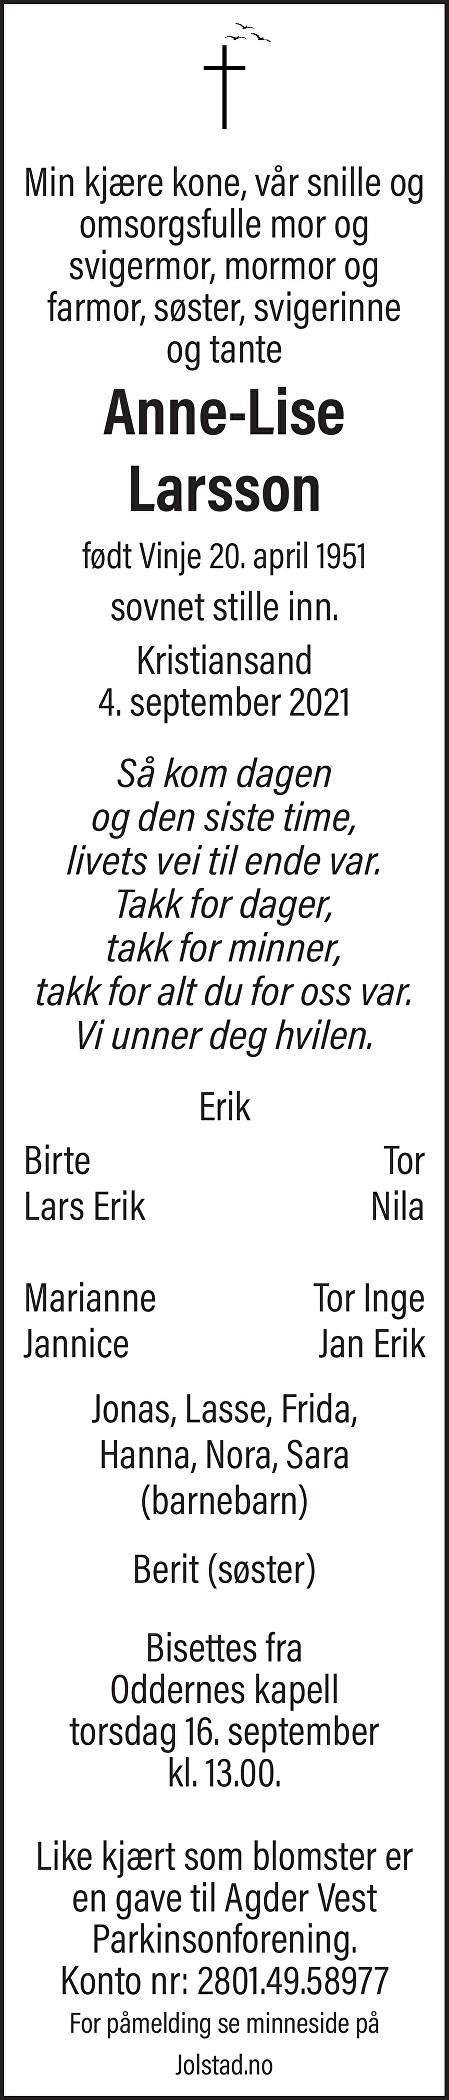 Anne-Lise Larsson Dødsannonse